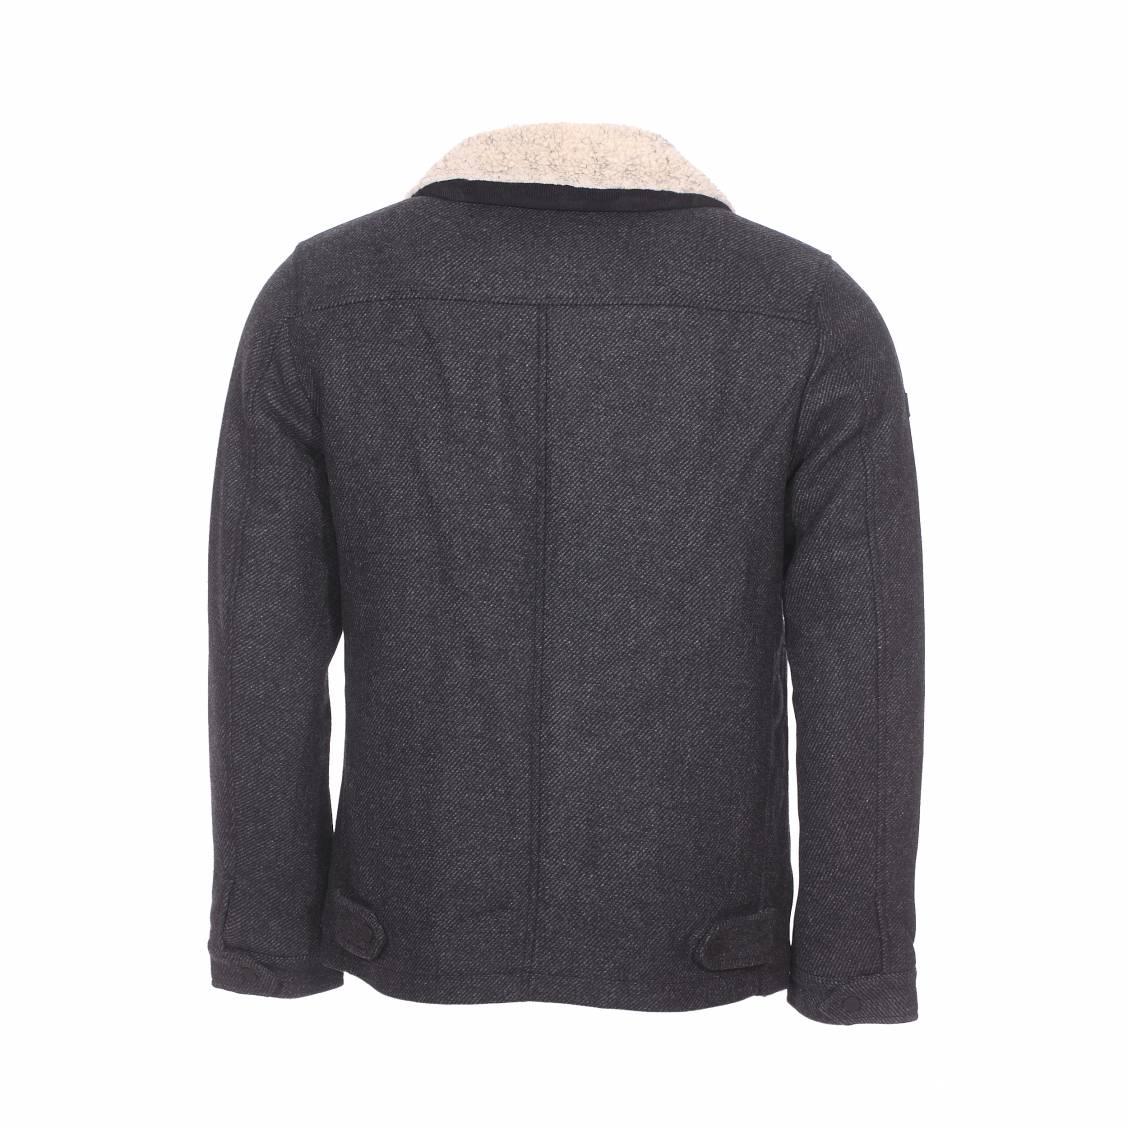 Veste zippée Superdry Mason en laine mélangée gris anthracite chiné | Rue Des Hommes